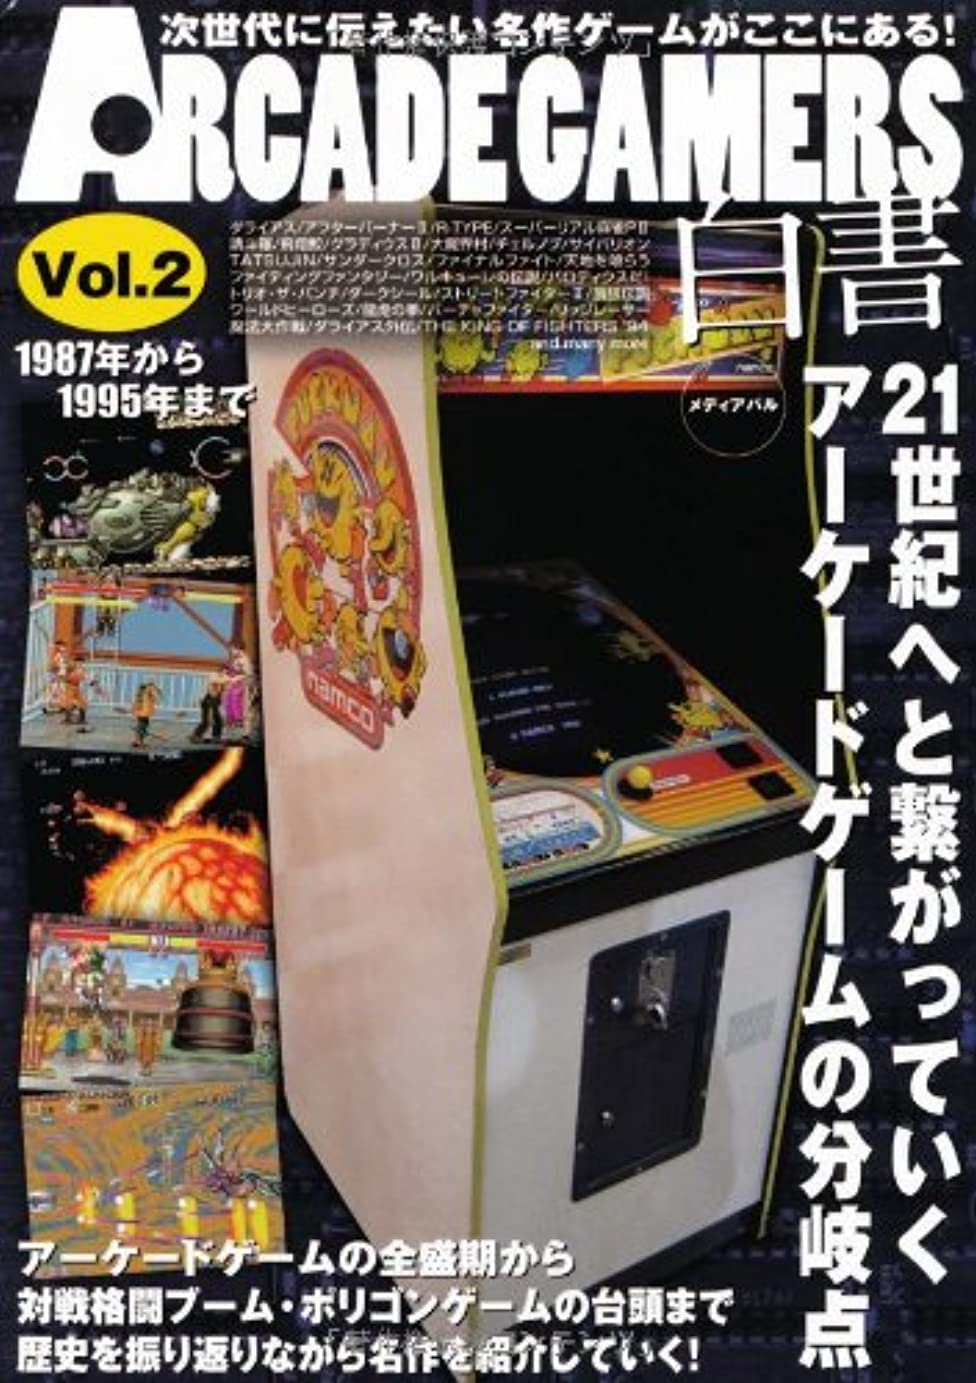 最もクリア大破ARCADE GAMERS(アーケード?ゲーマーズ)白書 Vol.2